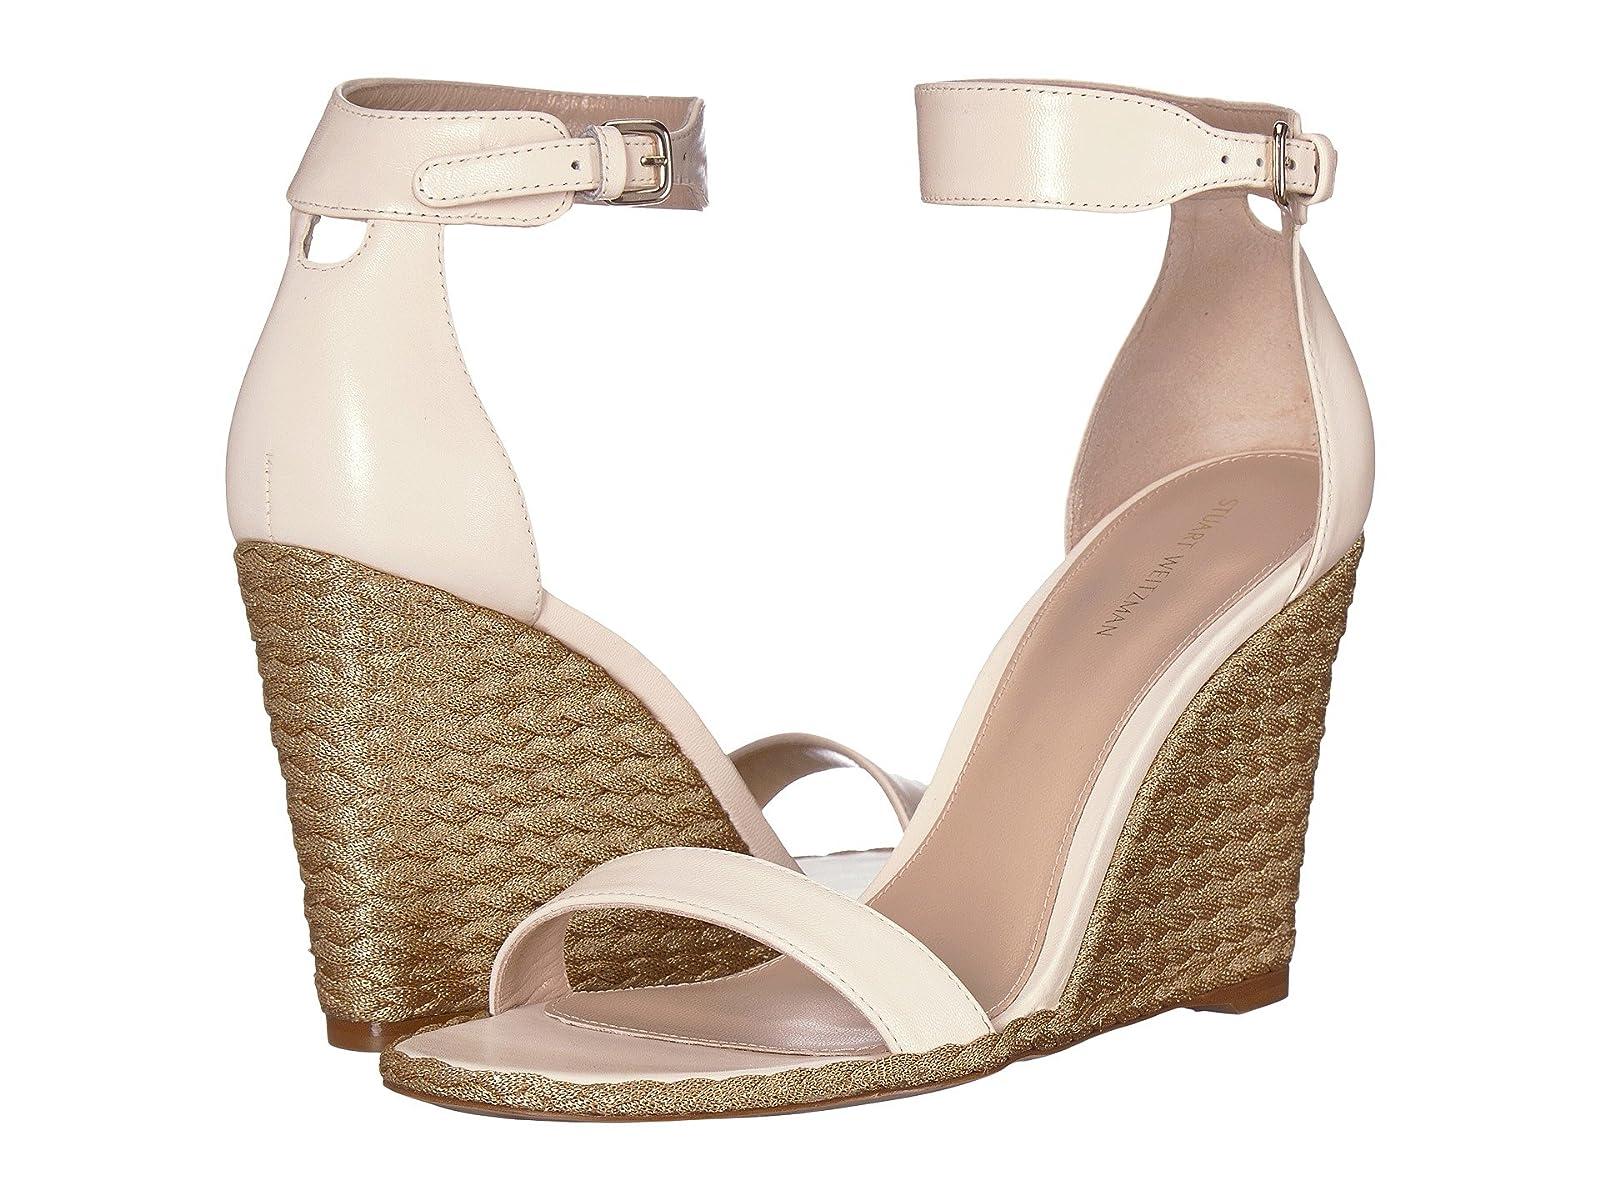 Stuart Weitzman BackupwedgeCheap and distinctive eye-catching shoes